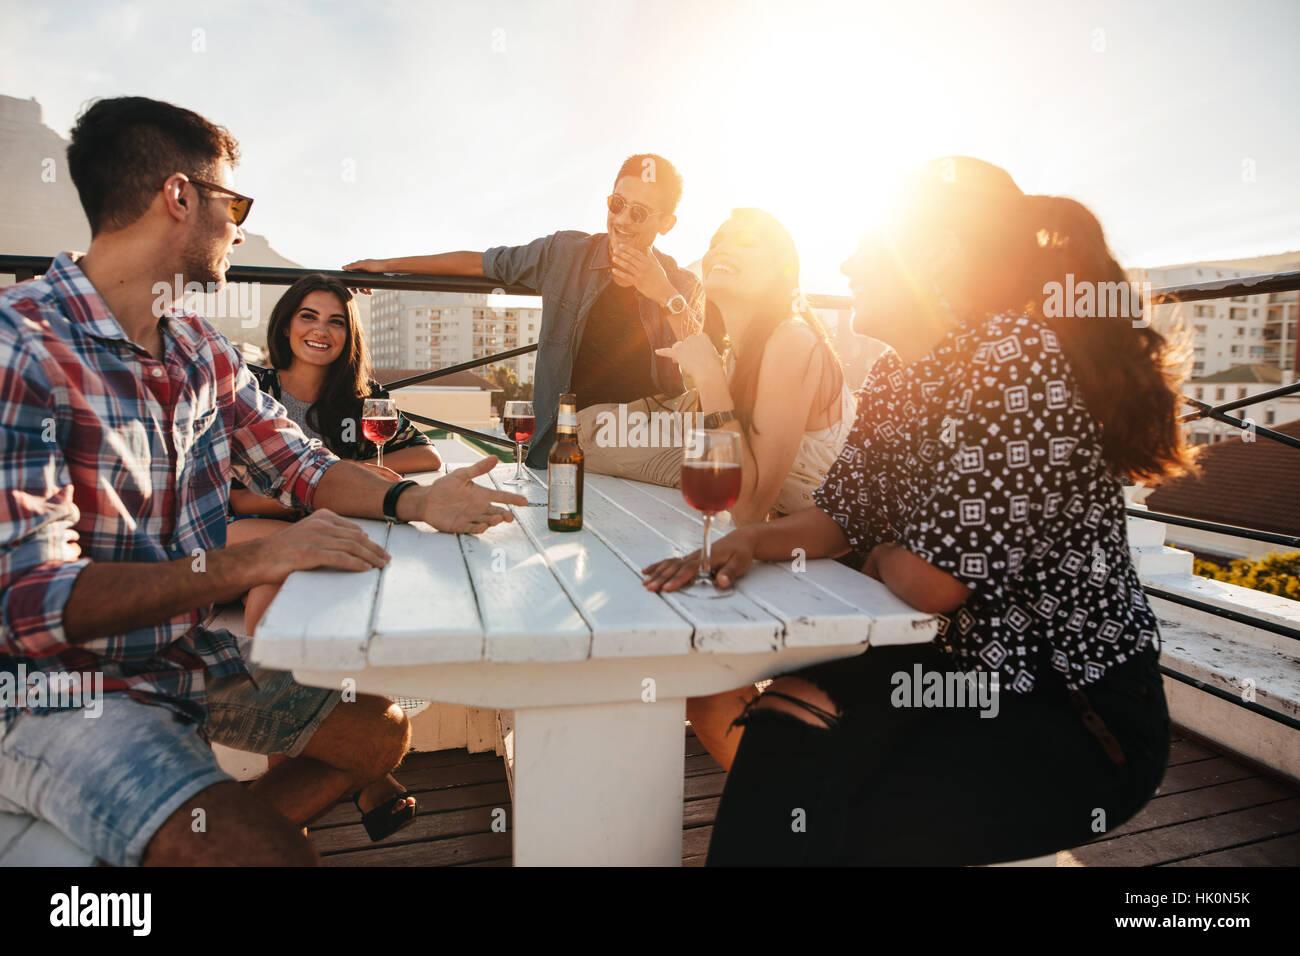 Gruppe von jungen Leuten an einem Tisch mit Getränken. Junge Männer und Frauen, die auf dem Dach Abend feiern. Stockfoto